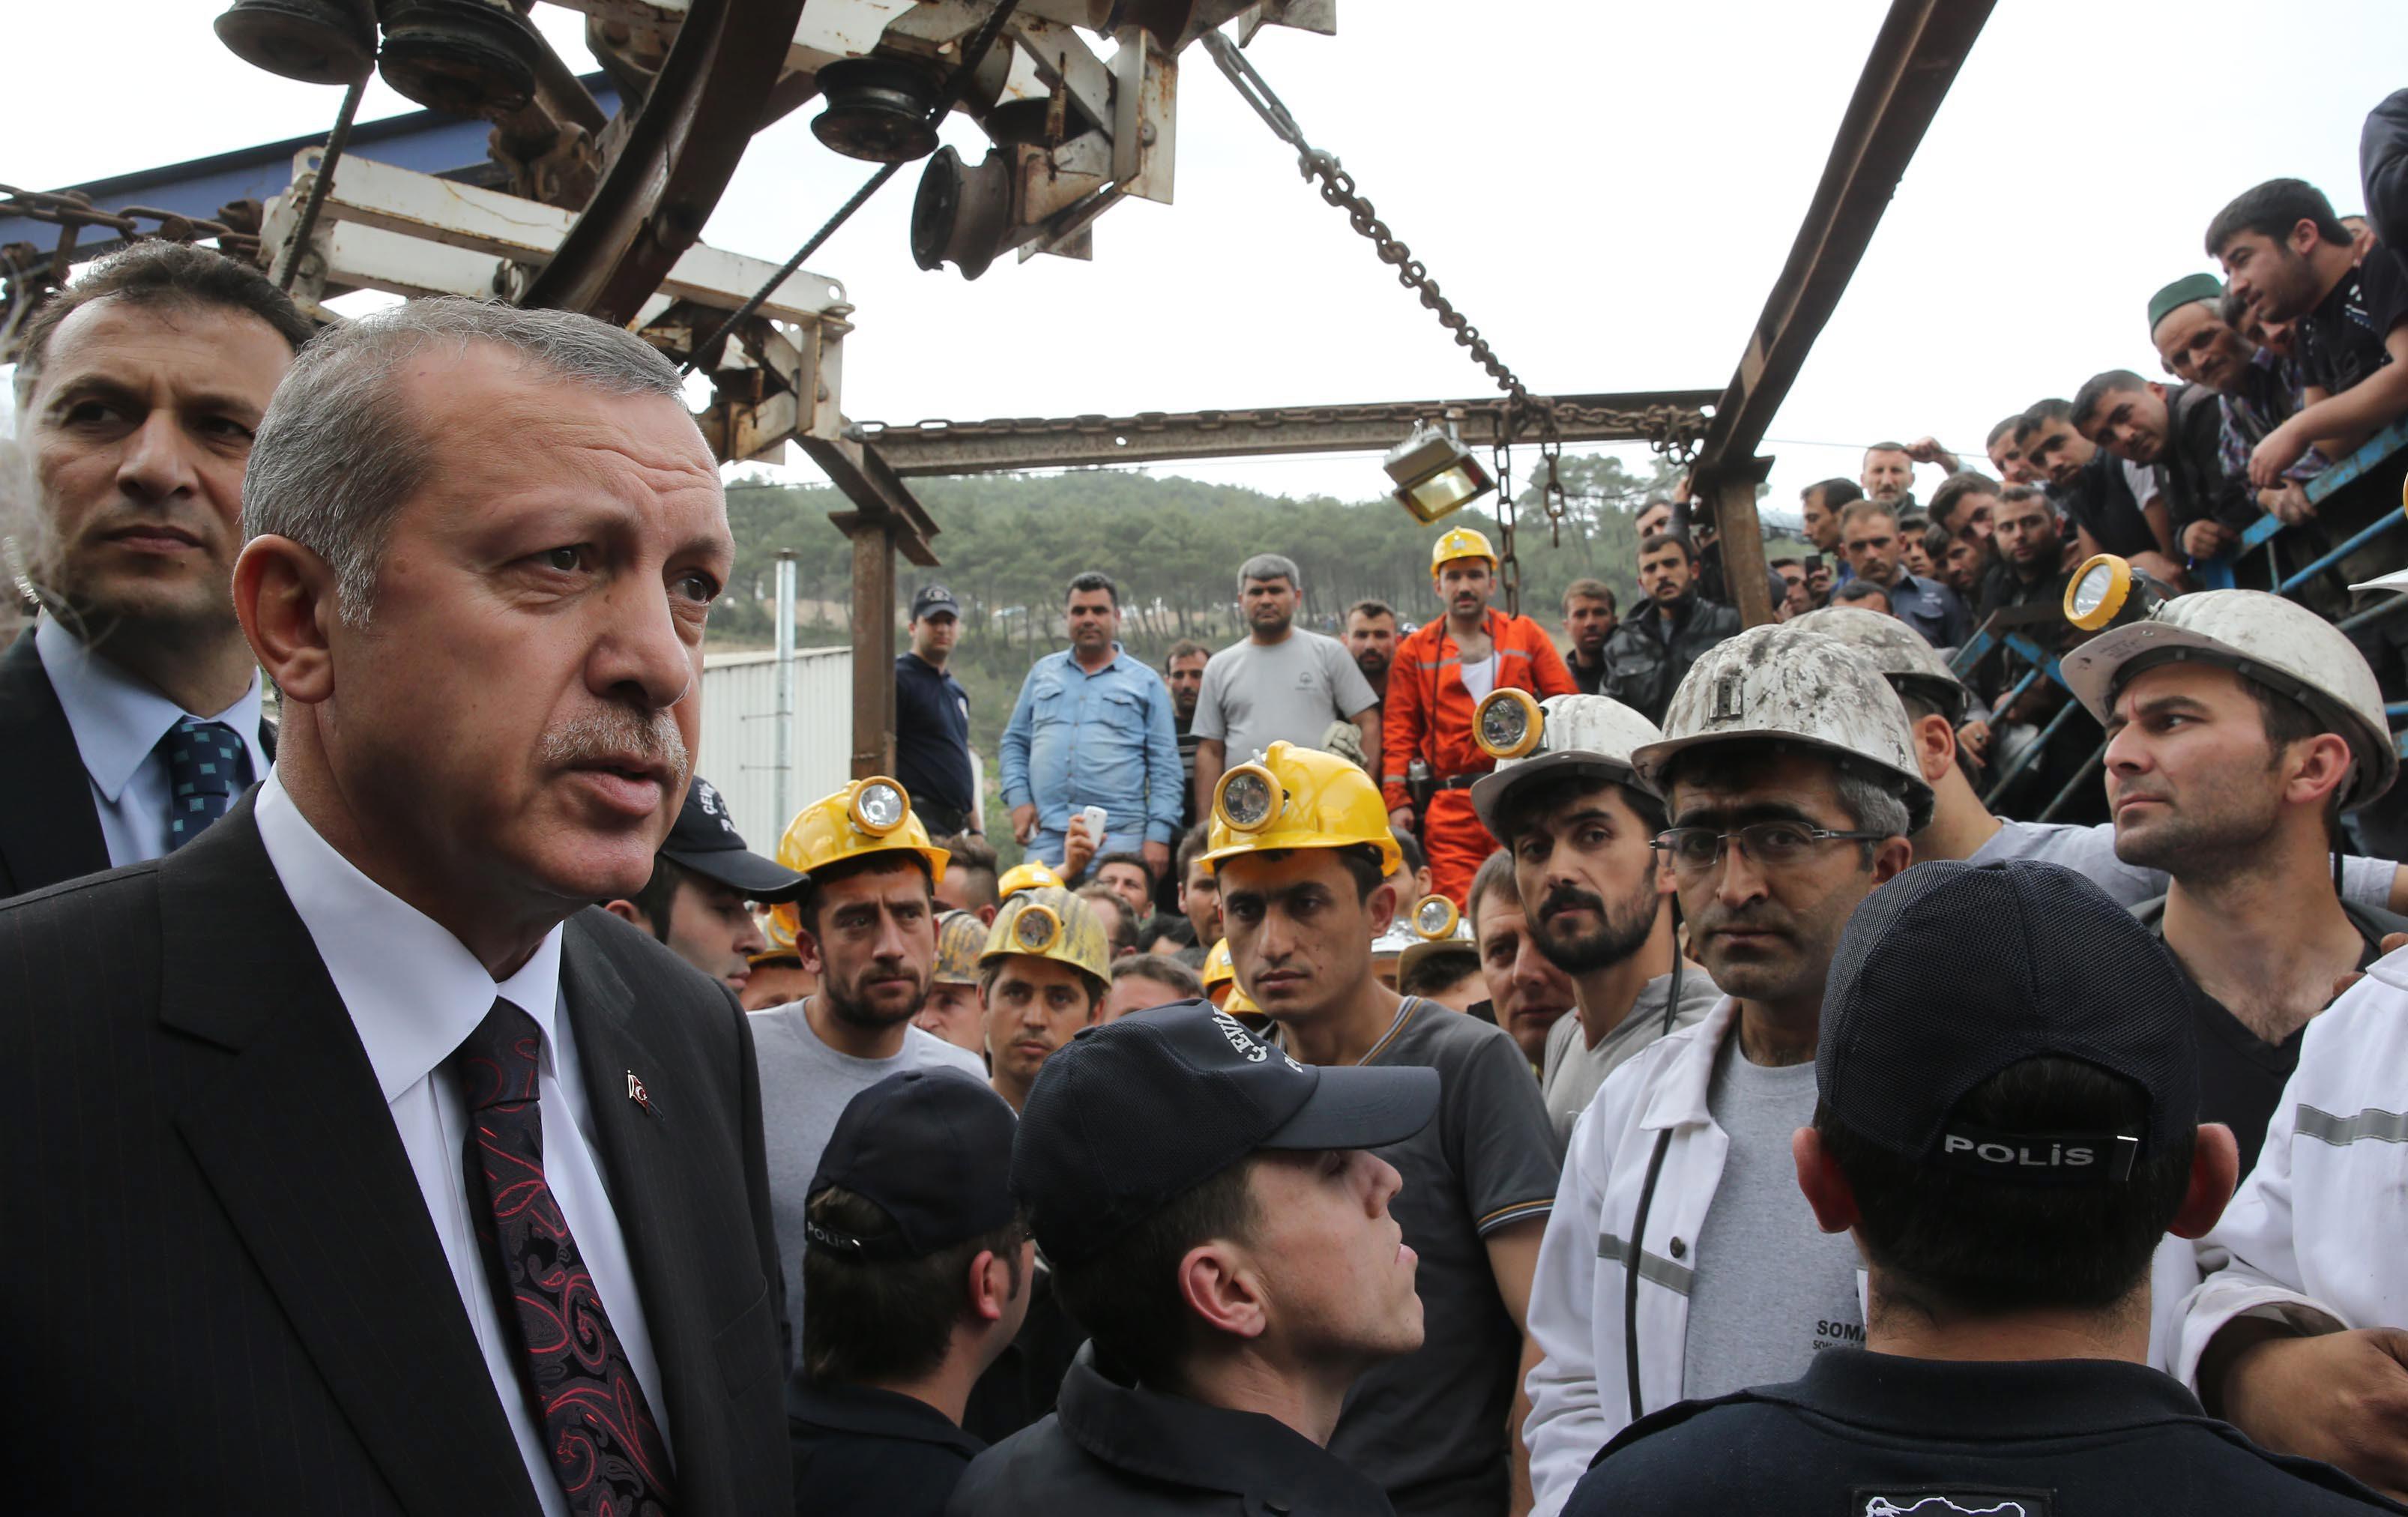 Реджеп Эрдоган во время посещения провинции Маниса, где произошел взрыв на шахте